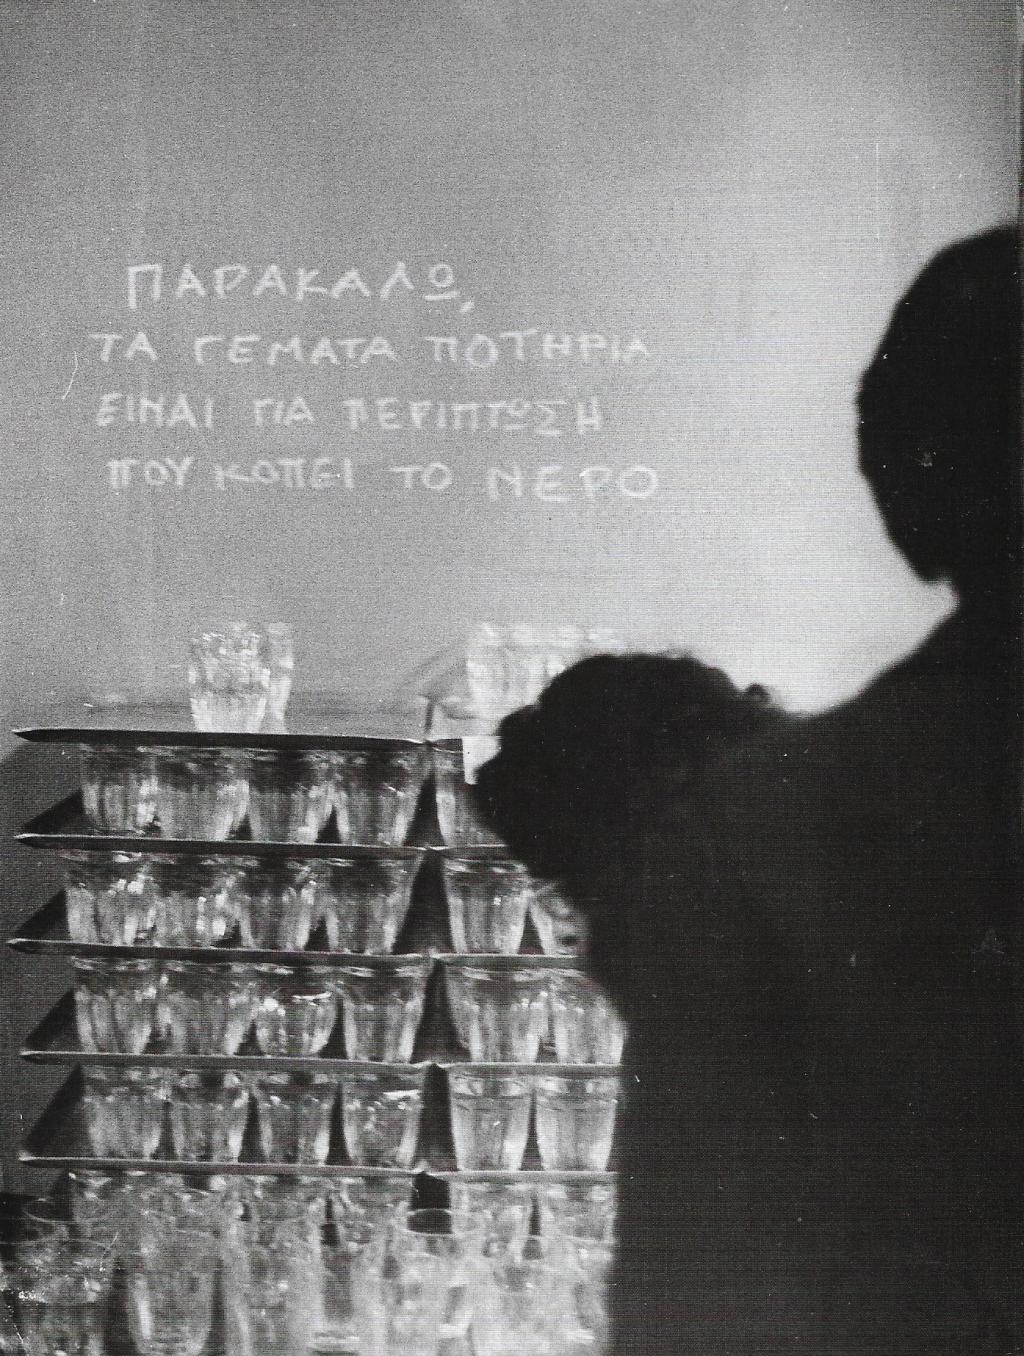 Μέρες Πολυτεχνείου: Μέσα, οι εξεγερμένοι φροντίζουν για τα μικρά, κι έτσι κάποιοι φρόντισαν να γεμίσουν όλα τα ποτήρια της Λέσχης με νερό, σε πρίπτωση που κοπεί το νερό.